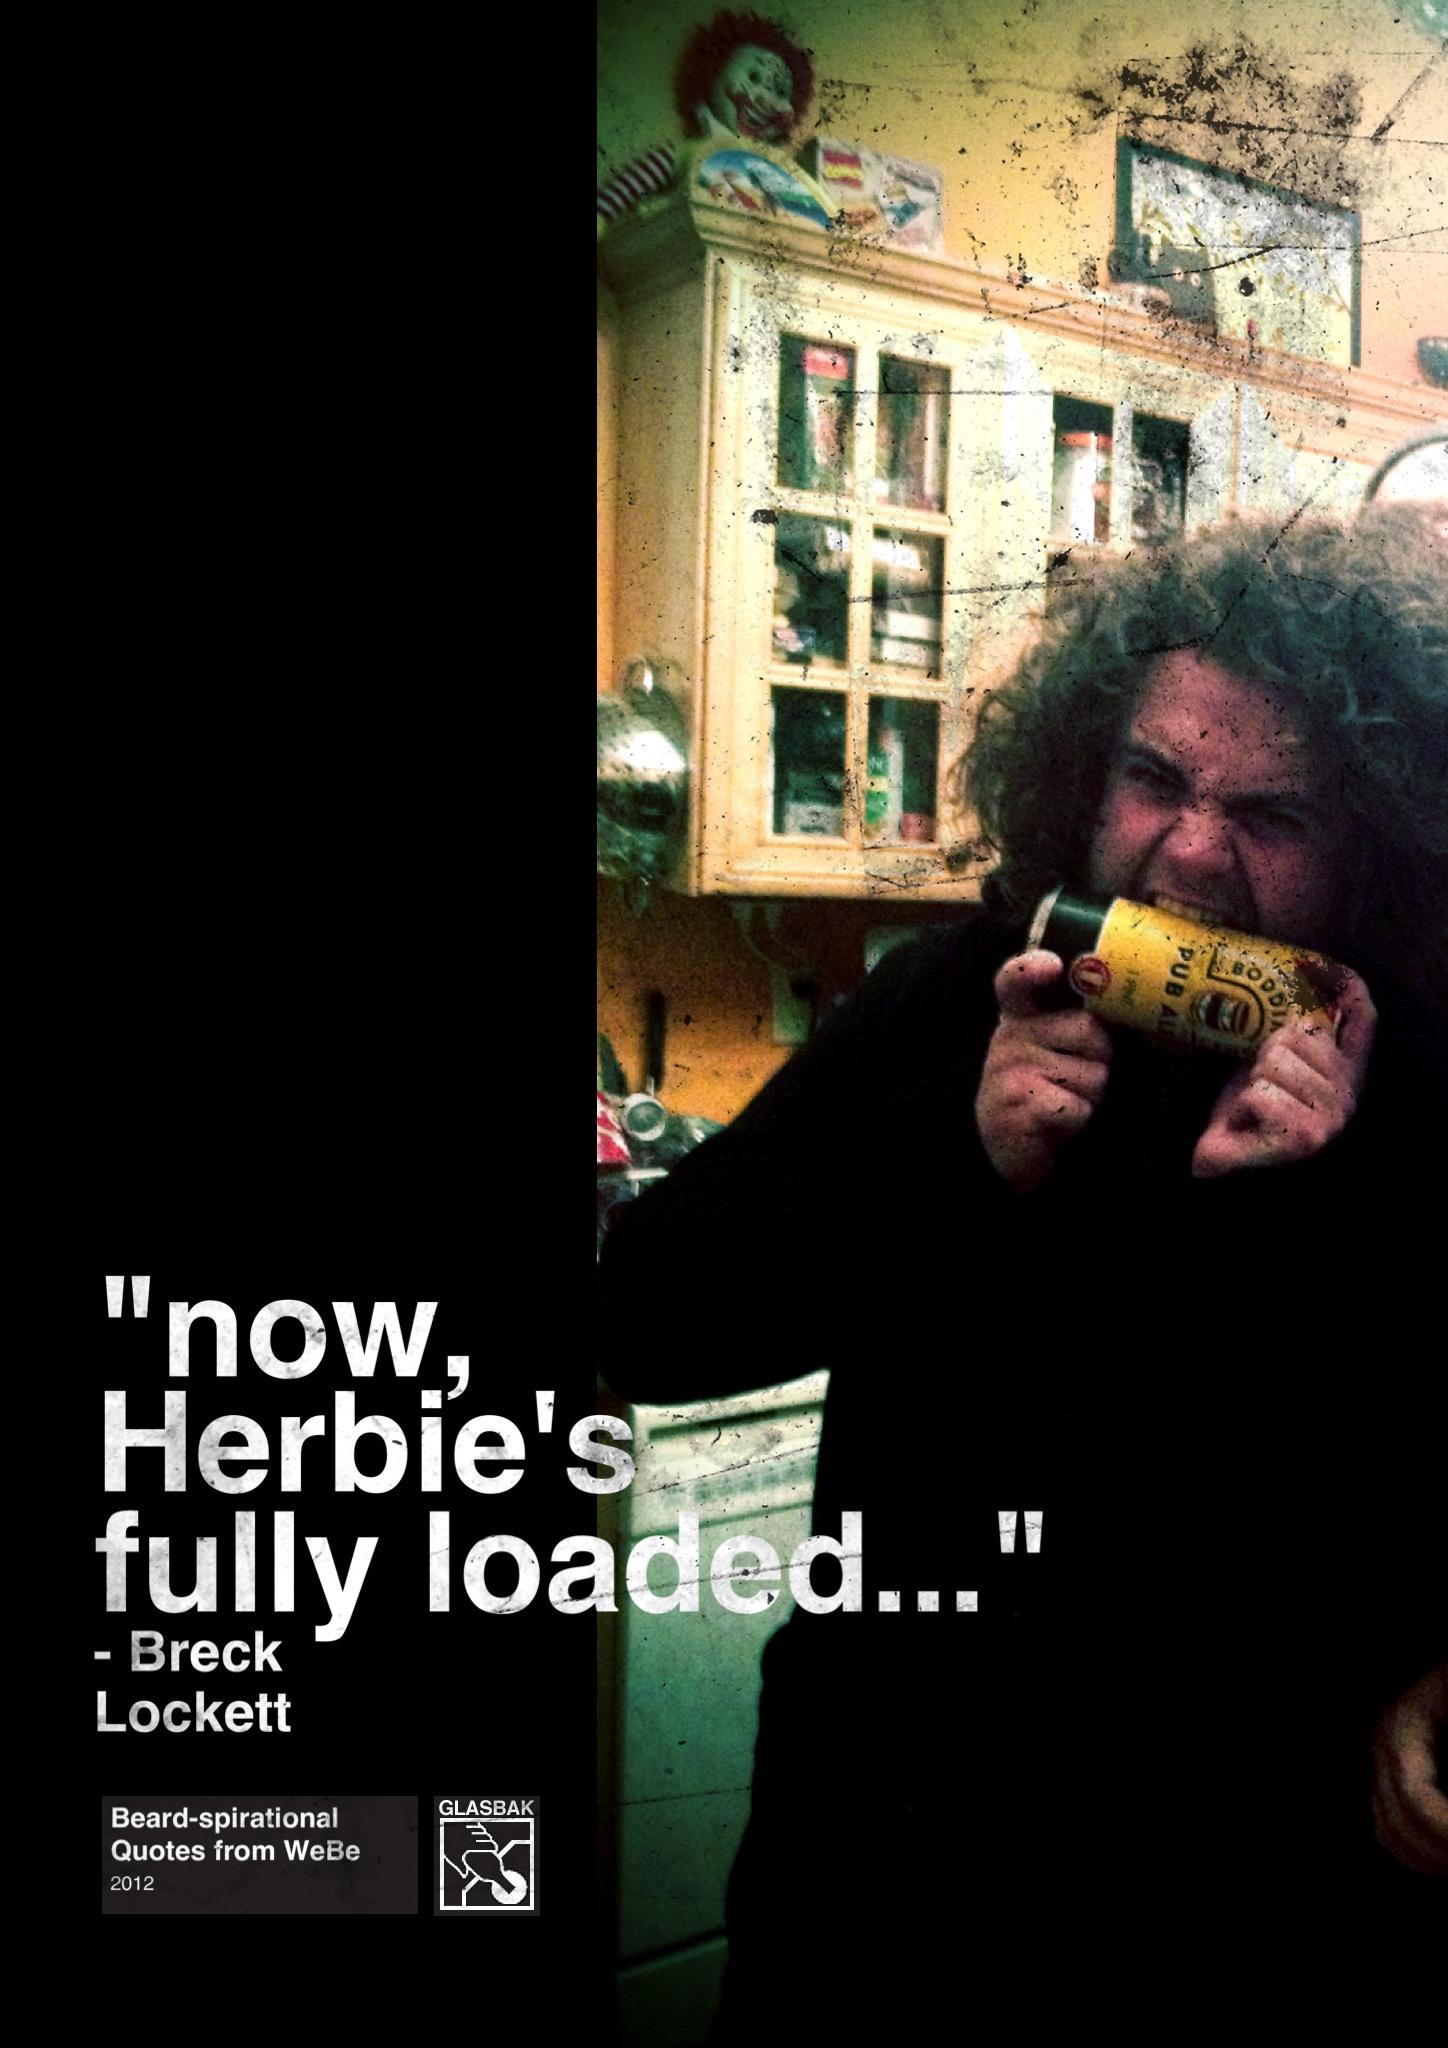 2013-02-03_now, Herbie's fully loaded....jpg